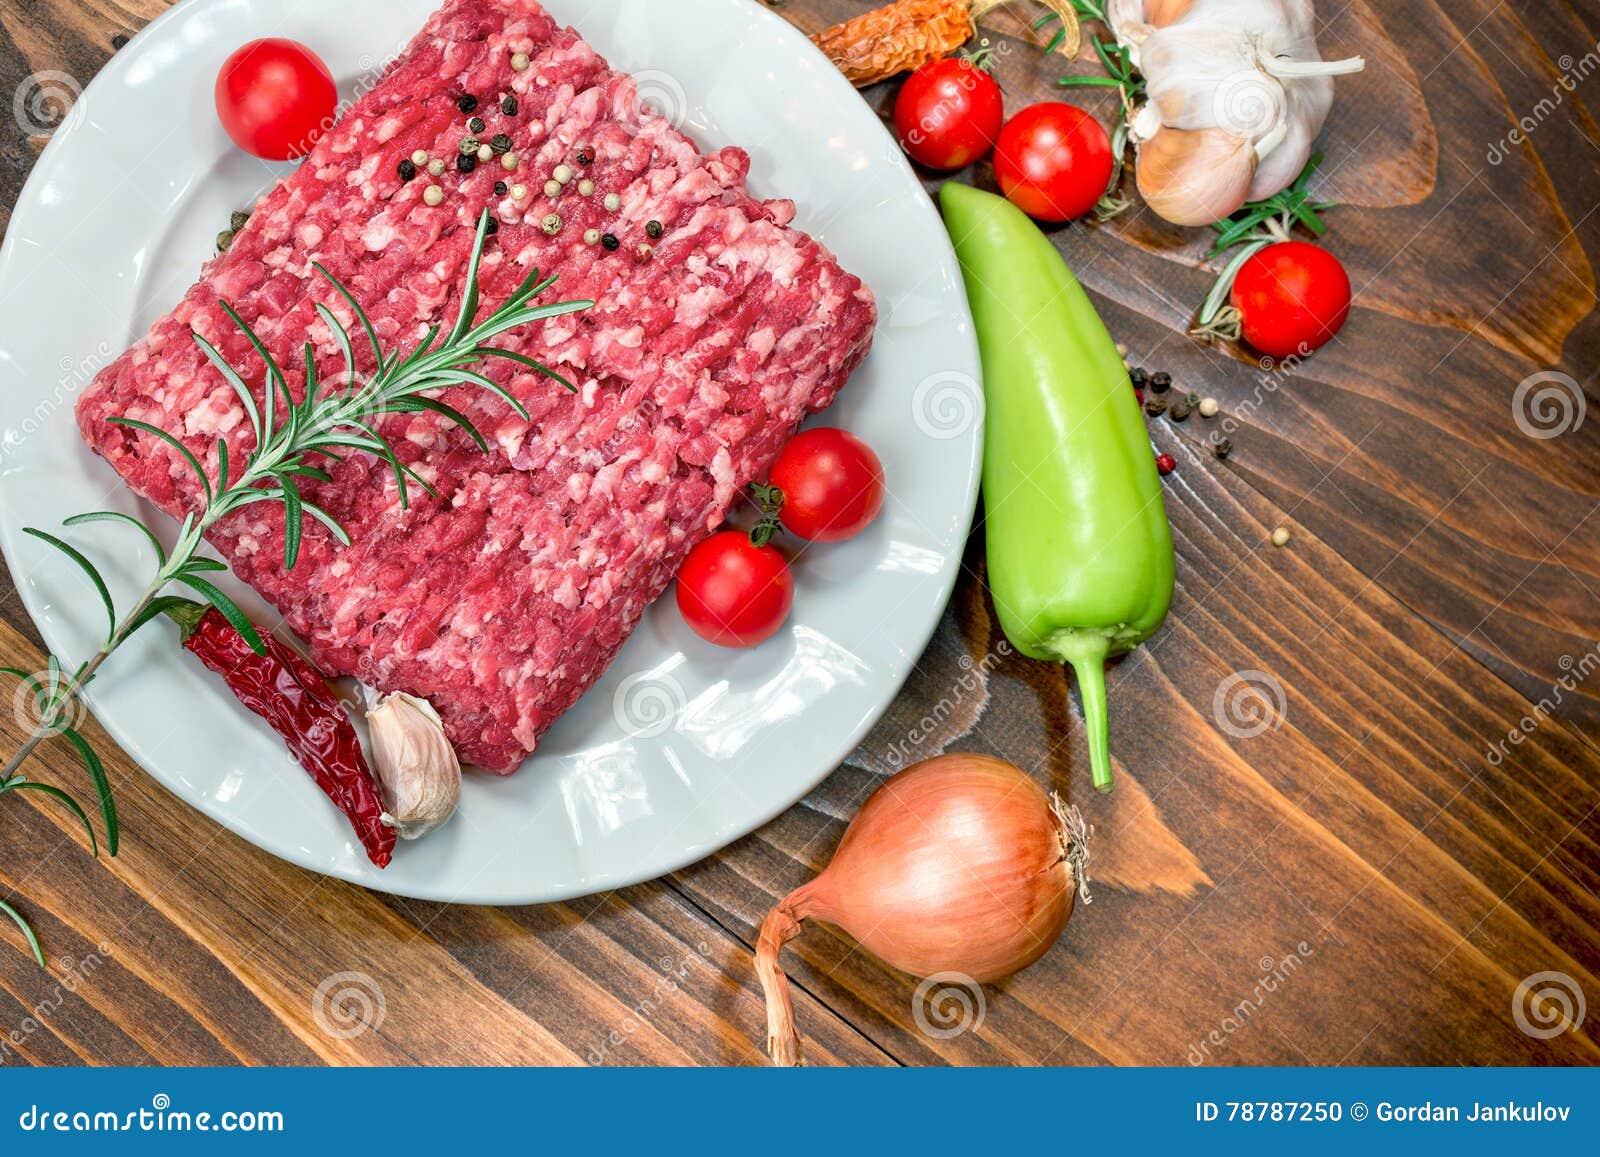 Dieta de carnes blancas y verduras